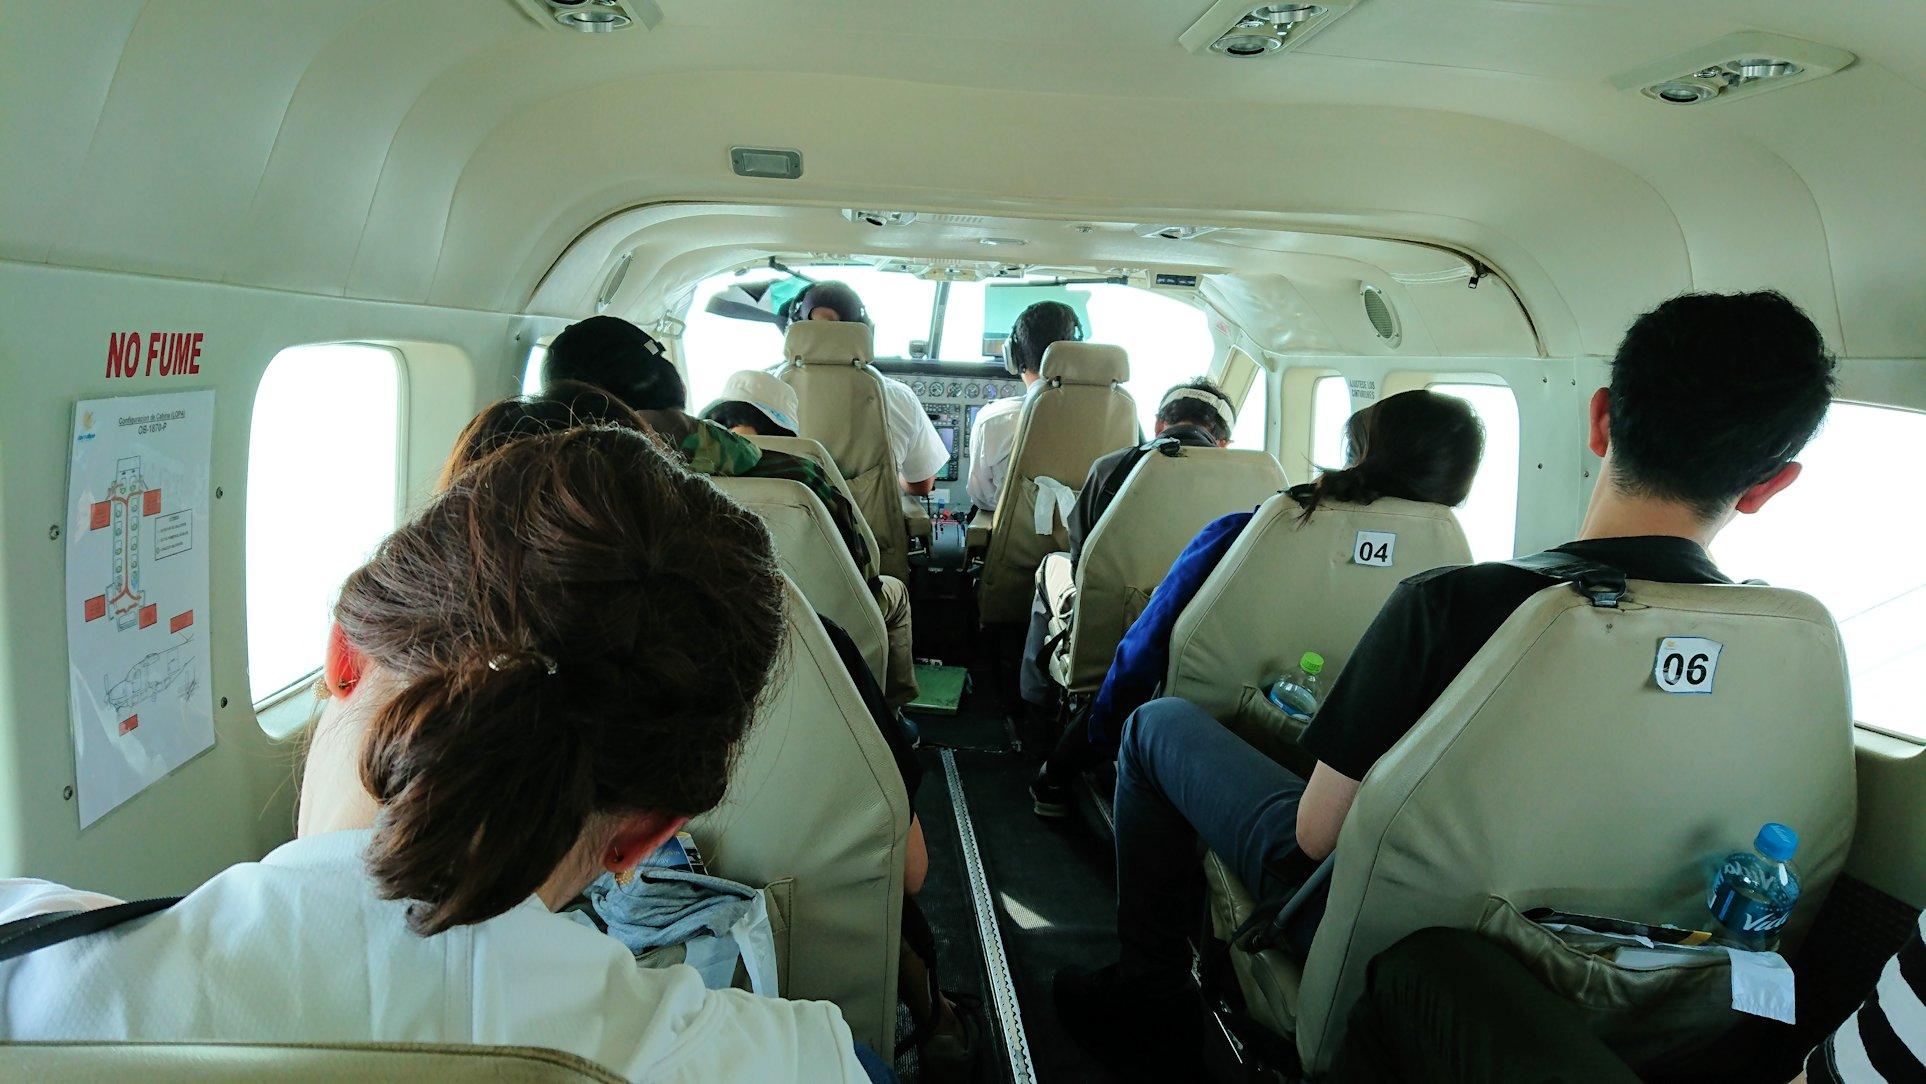 ナスカ地上絵を見るセスナで飛行機酔いになる